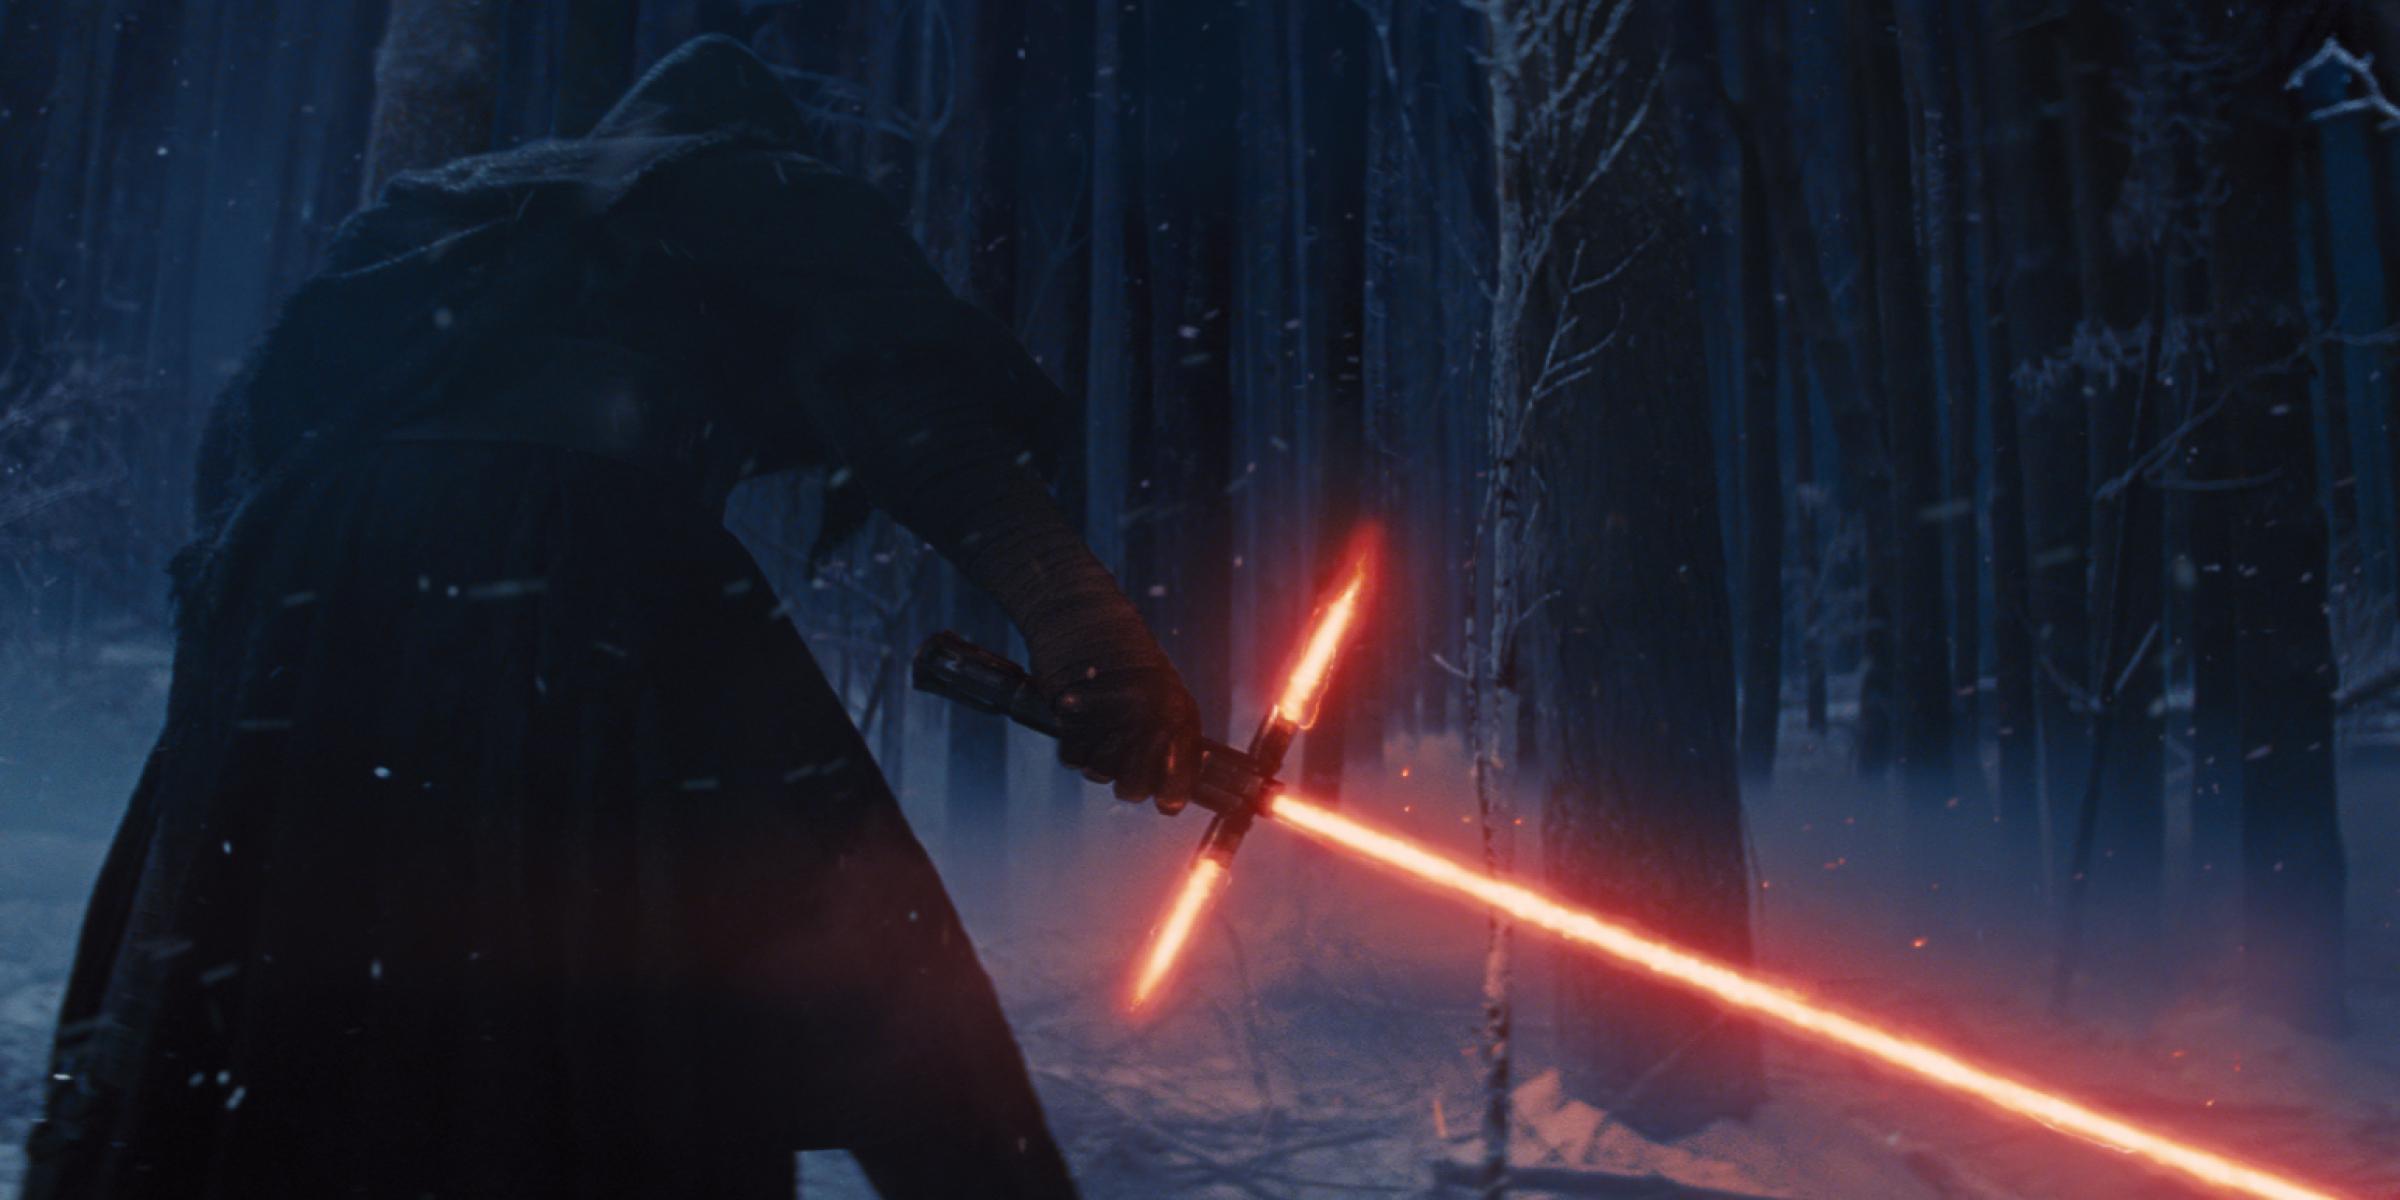 star wars episode vii the force awakens final trailer review transistor. Black Bedroom Furniture Sets. Home Design Ideas